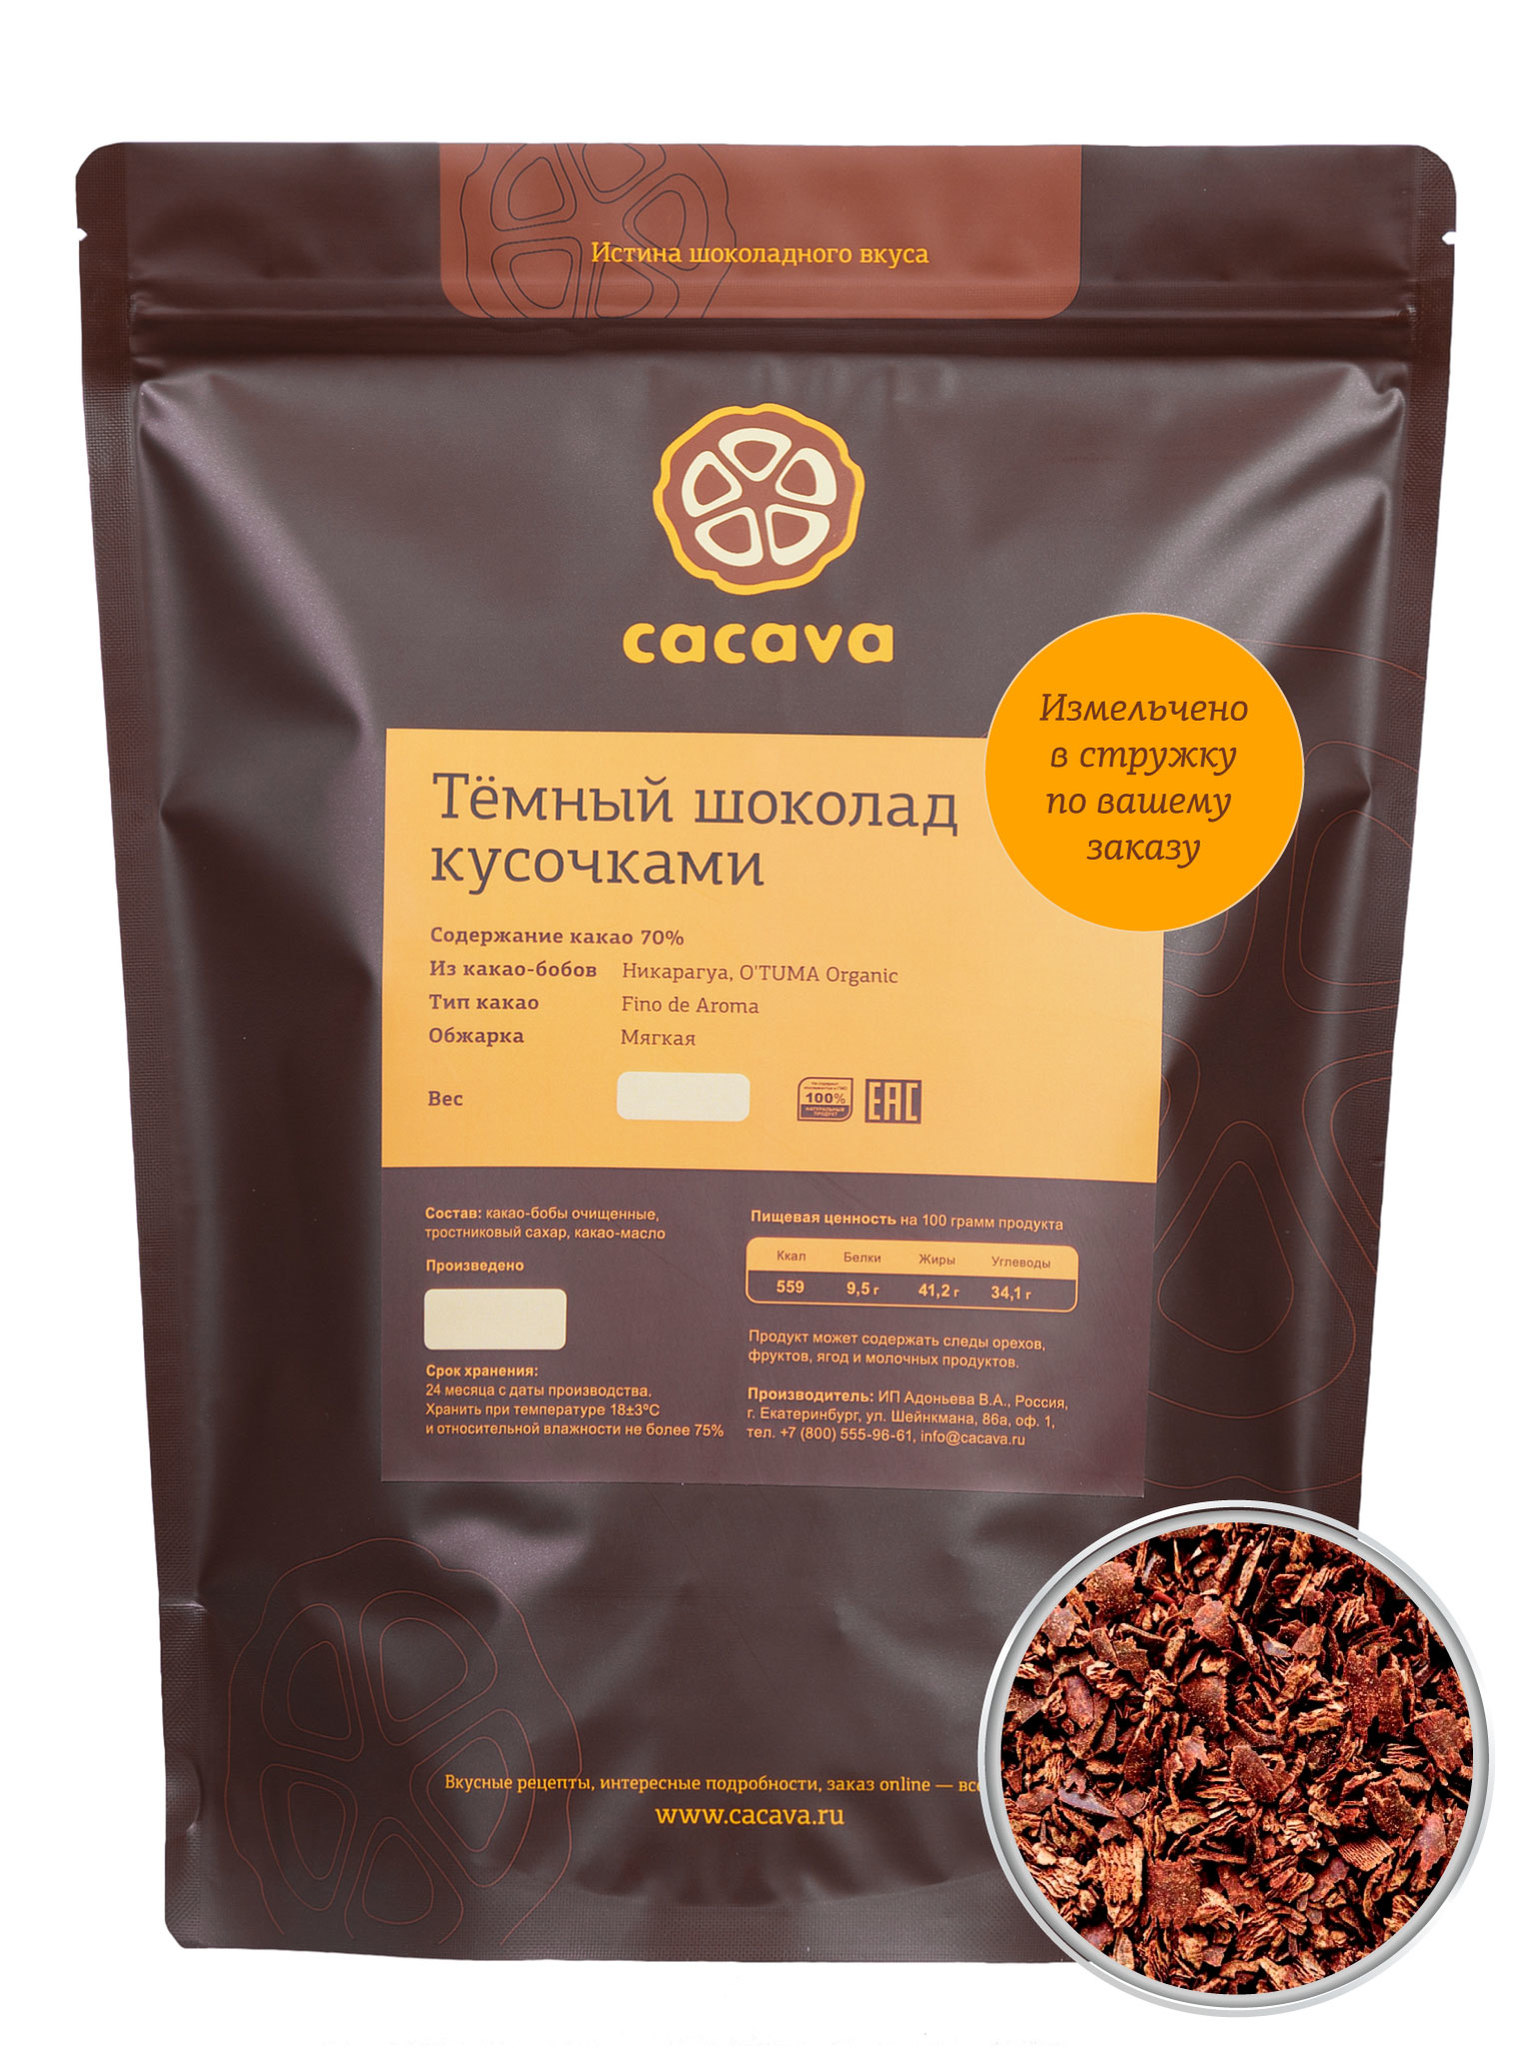 Тёмный шоколад 70 % какао в стружке (Никарагуа O'Tuma), упаковка 1 кг